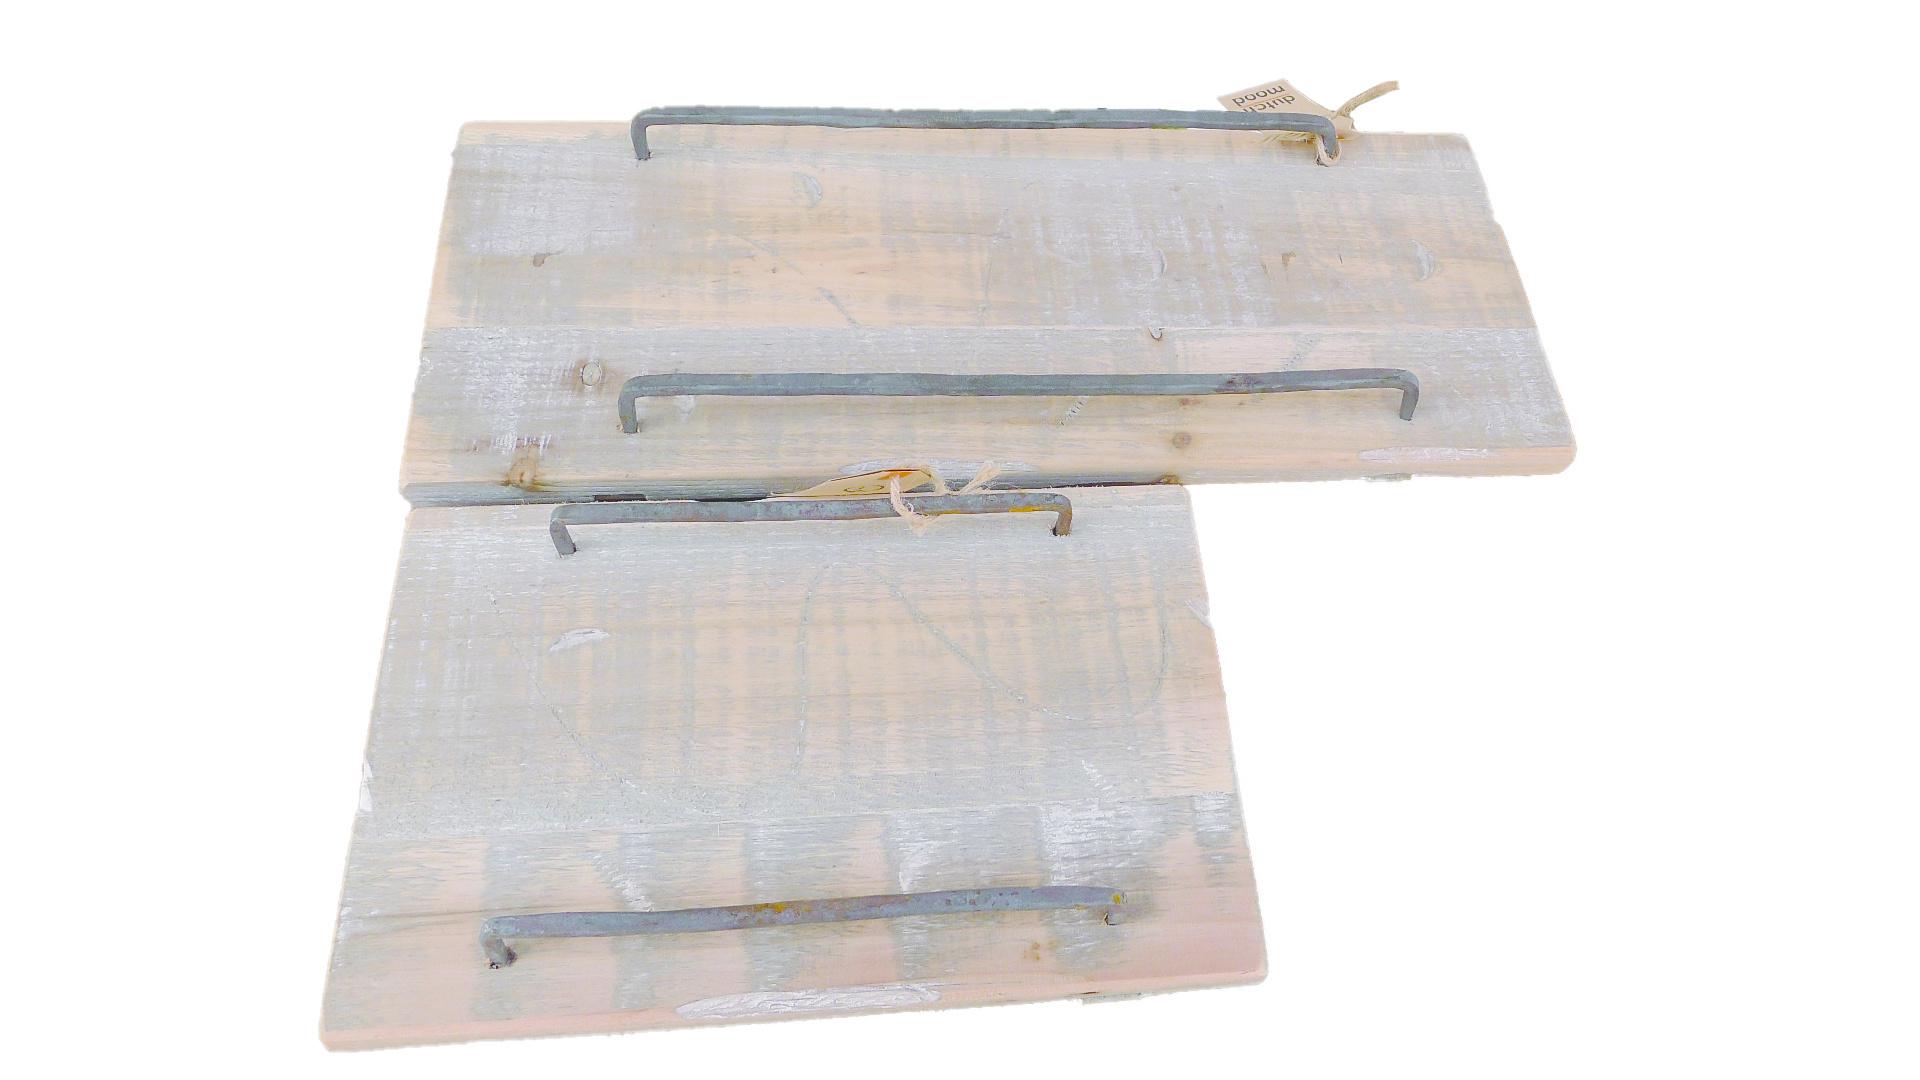 tray old dutchmet vert 30-2